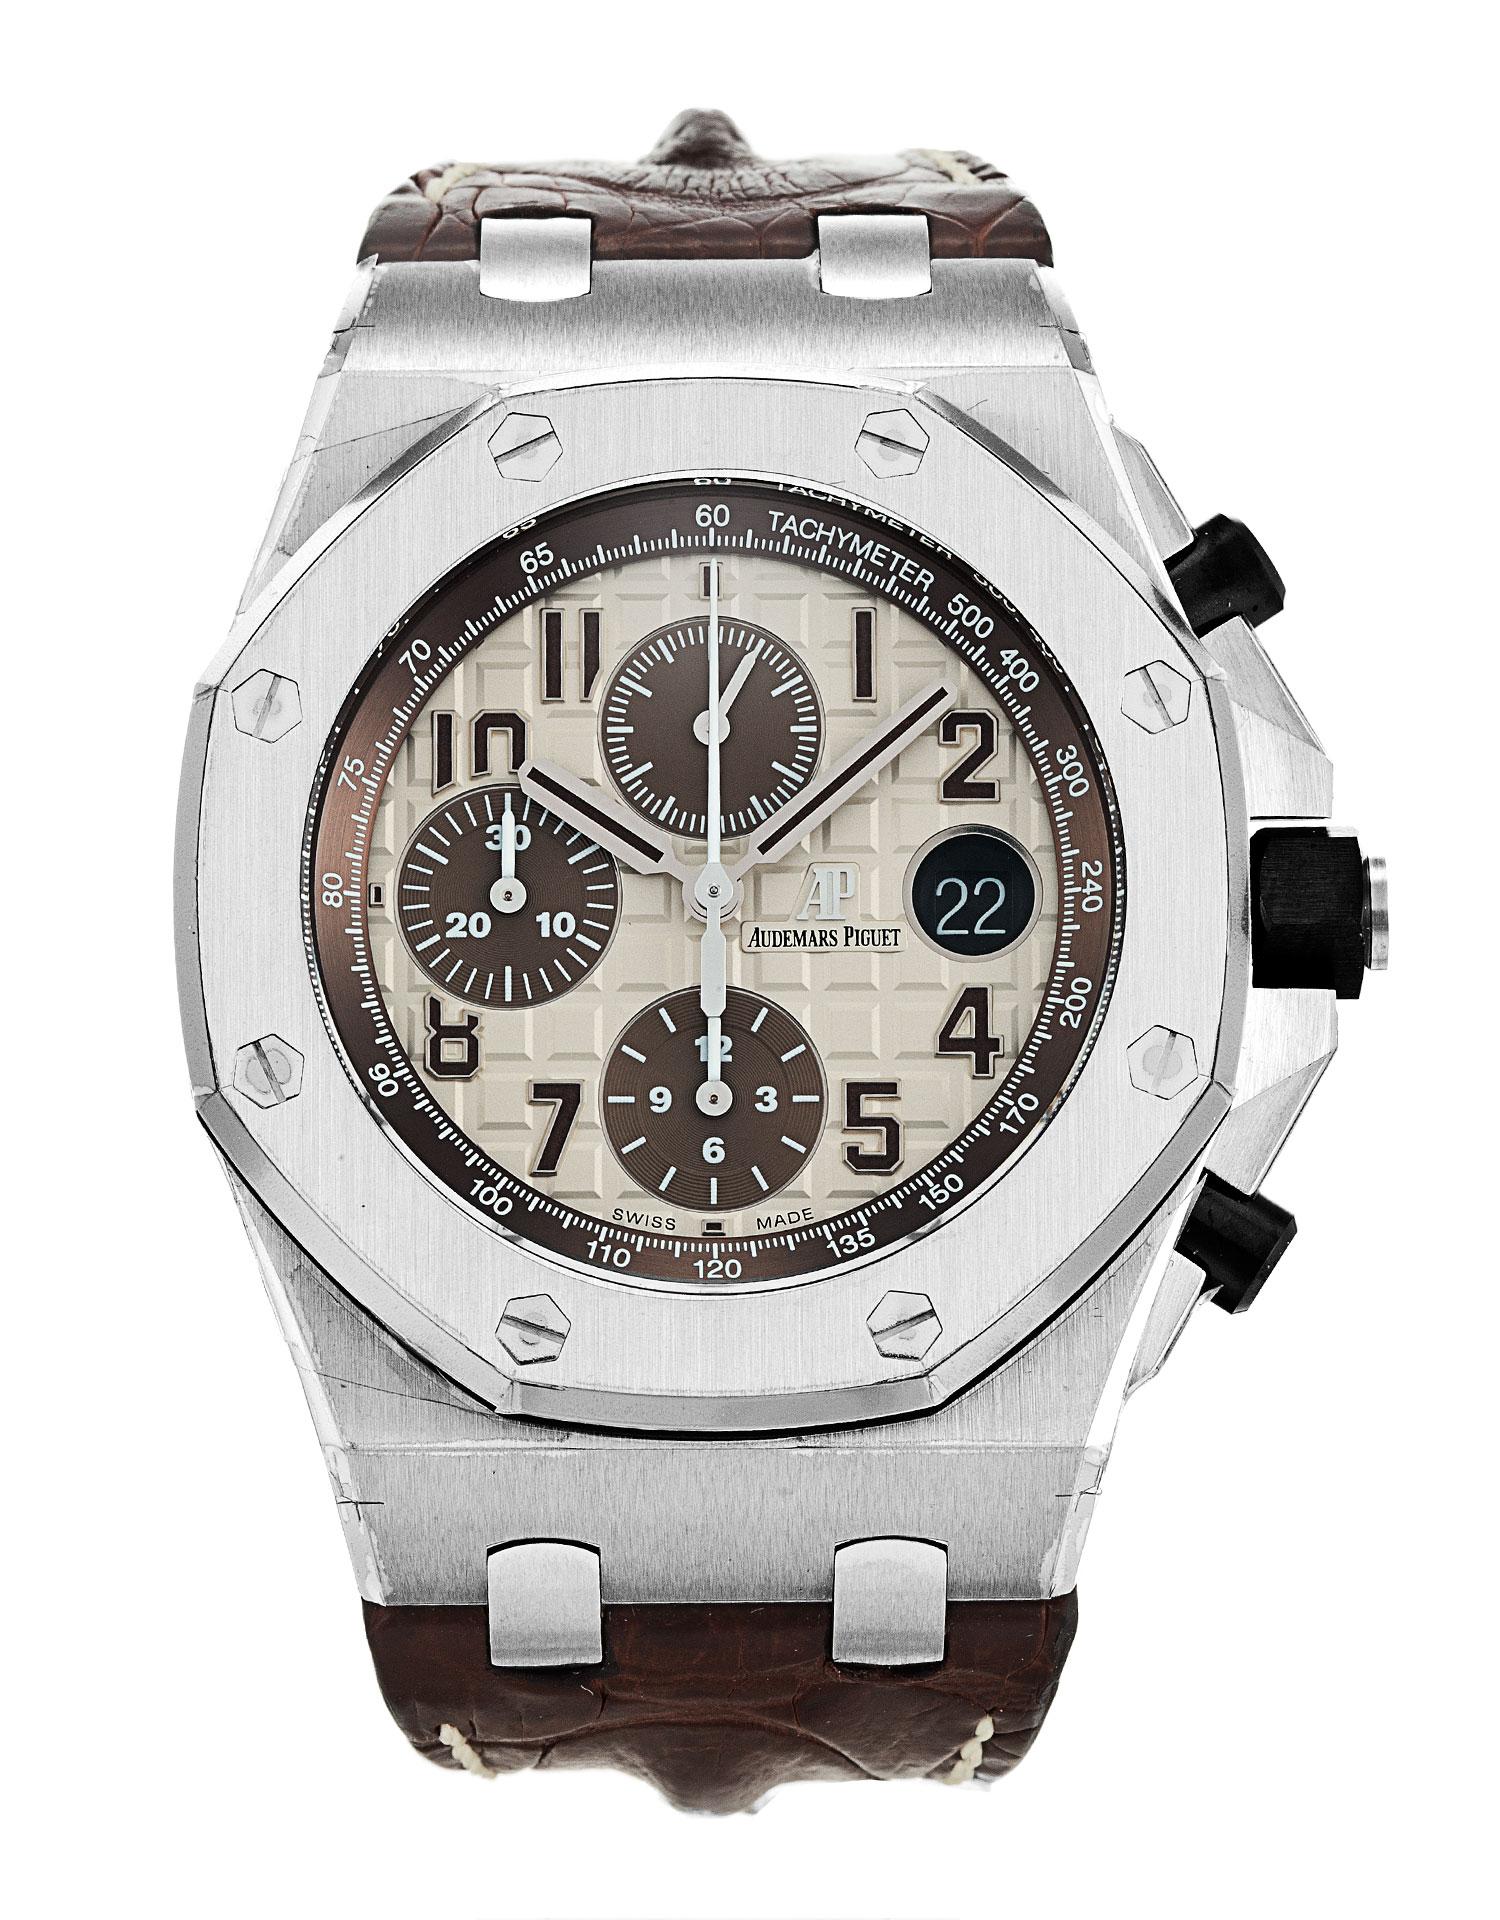 Audemars piguet royal oak offshore 26470st oo watch watchfinder co for Royal oak offshore n7243